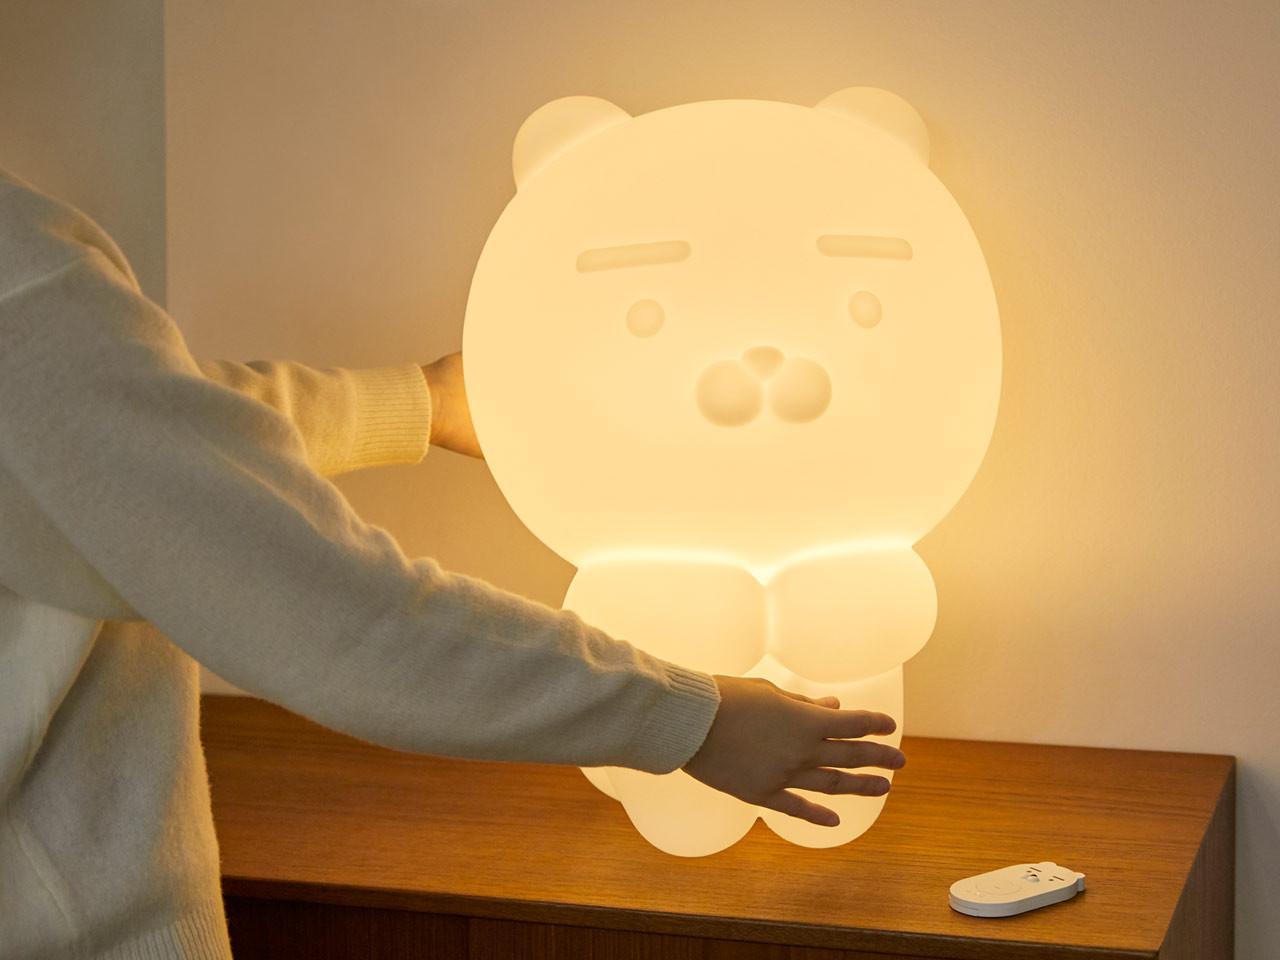 Kakao Friends推出超巨大Ryan夜灯,抱抱它,超级疗愈!